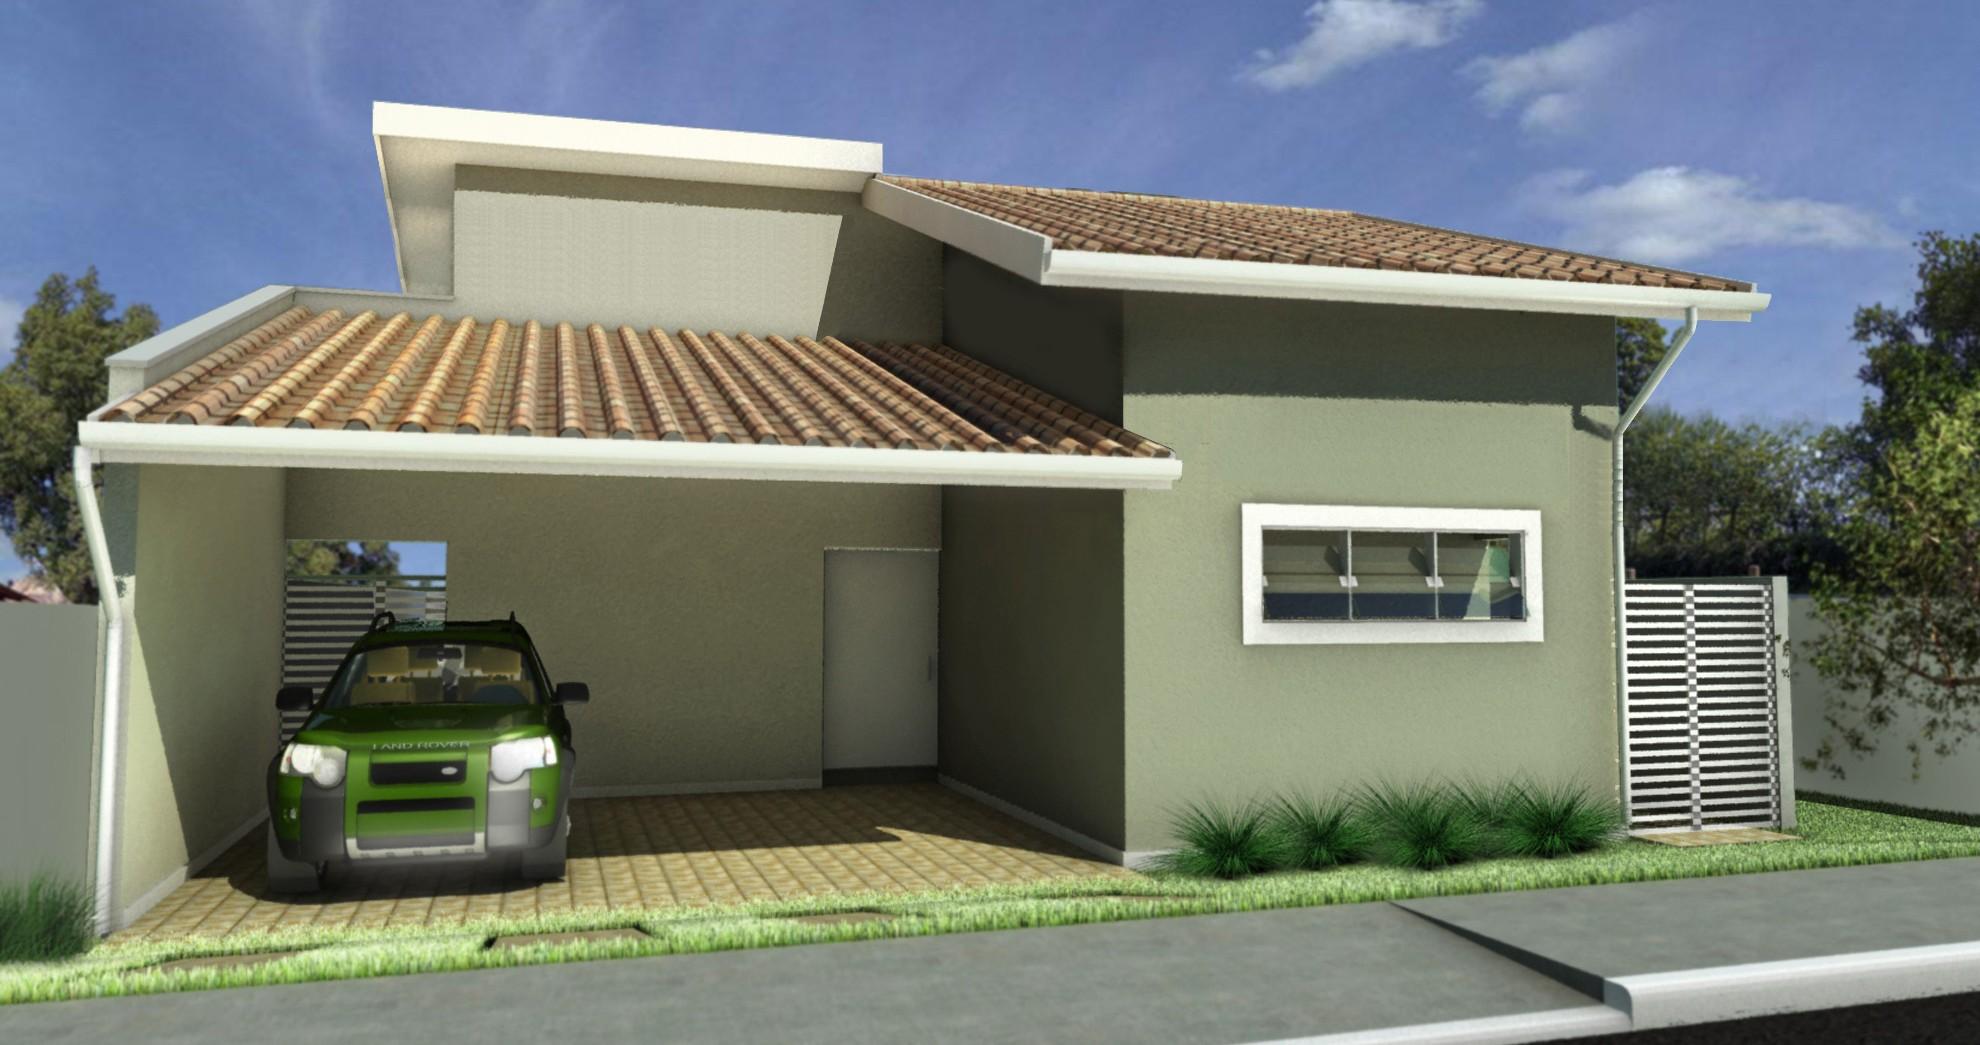 Fachadas de casas com garagem dicas fotos e projetos for Fachadas para residencias